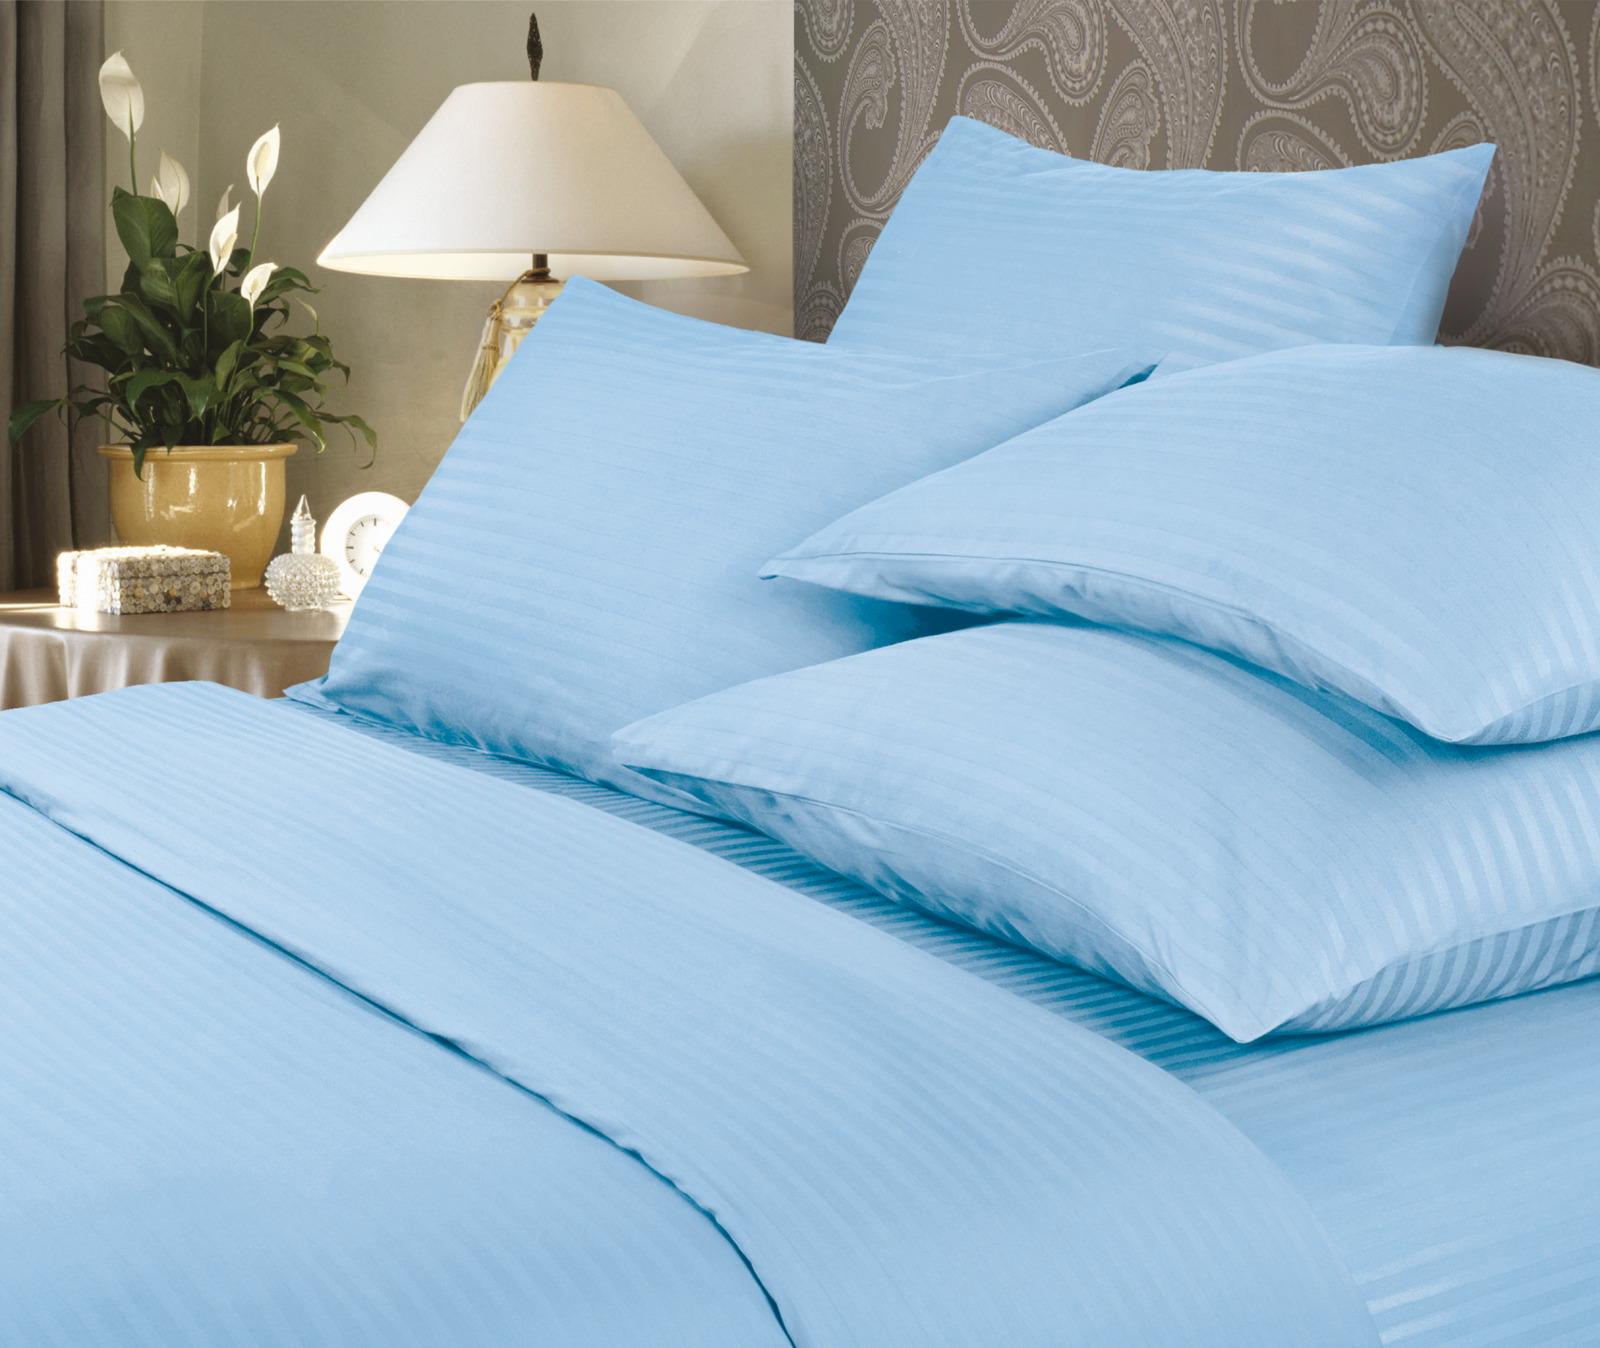 Фото - Комплект белья Verossa Sky, 1,5-спальный, наволочки 50x70. 718976 комплект белья verossa violet 1 5 спальный наволочки 50x70